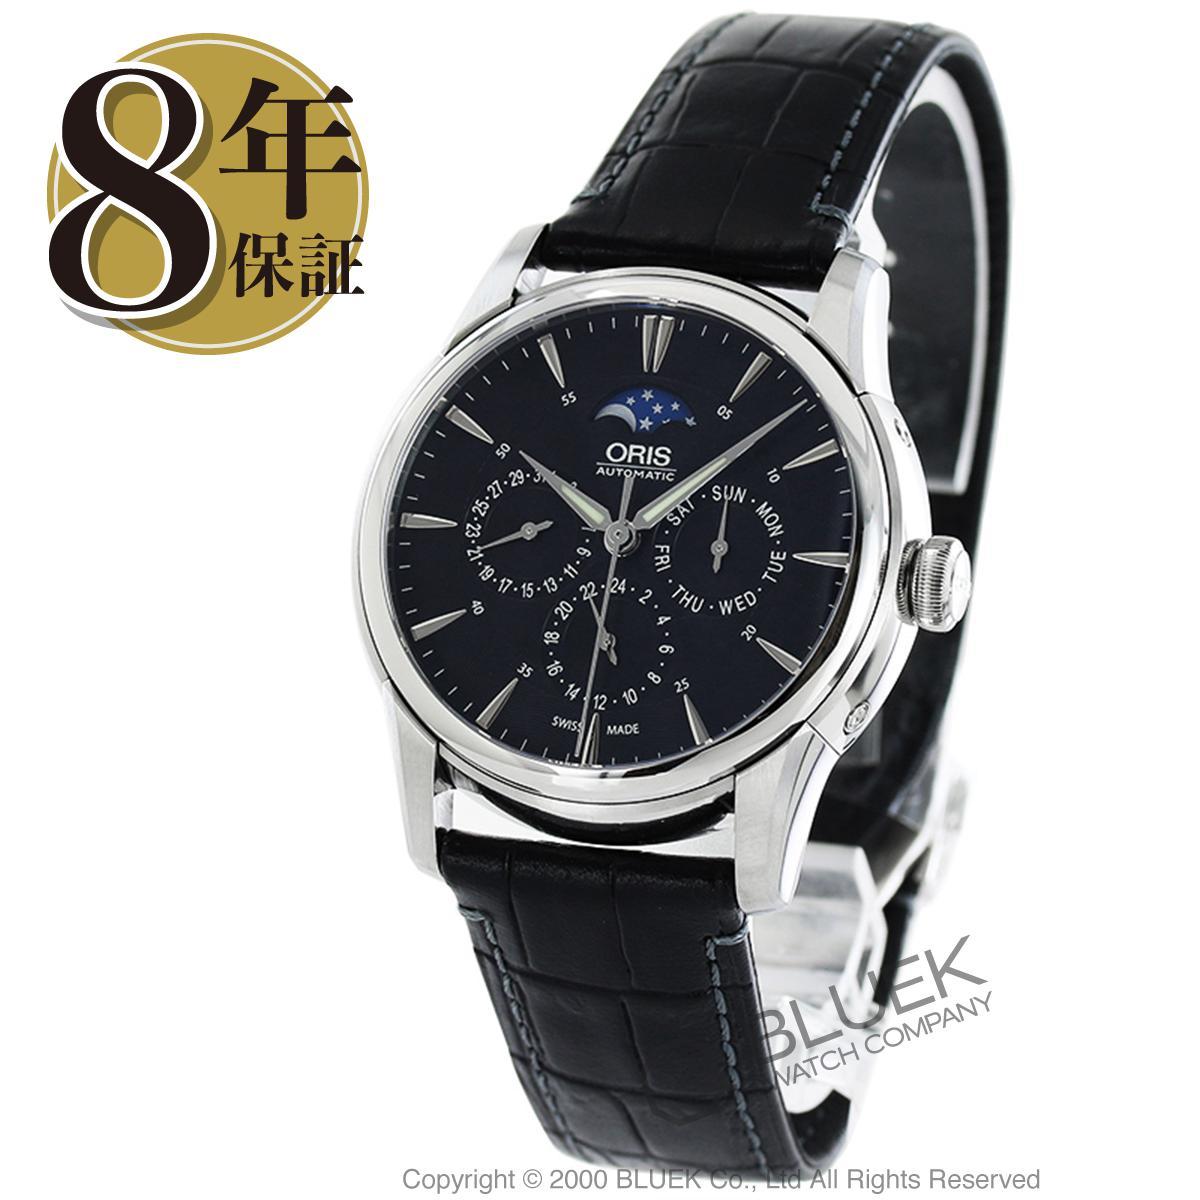 オリス アートリエ コンプリケーション ムーンフェイズ 腕時計 メンズ ORIS 781 7703 4054D_8